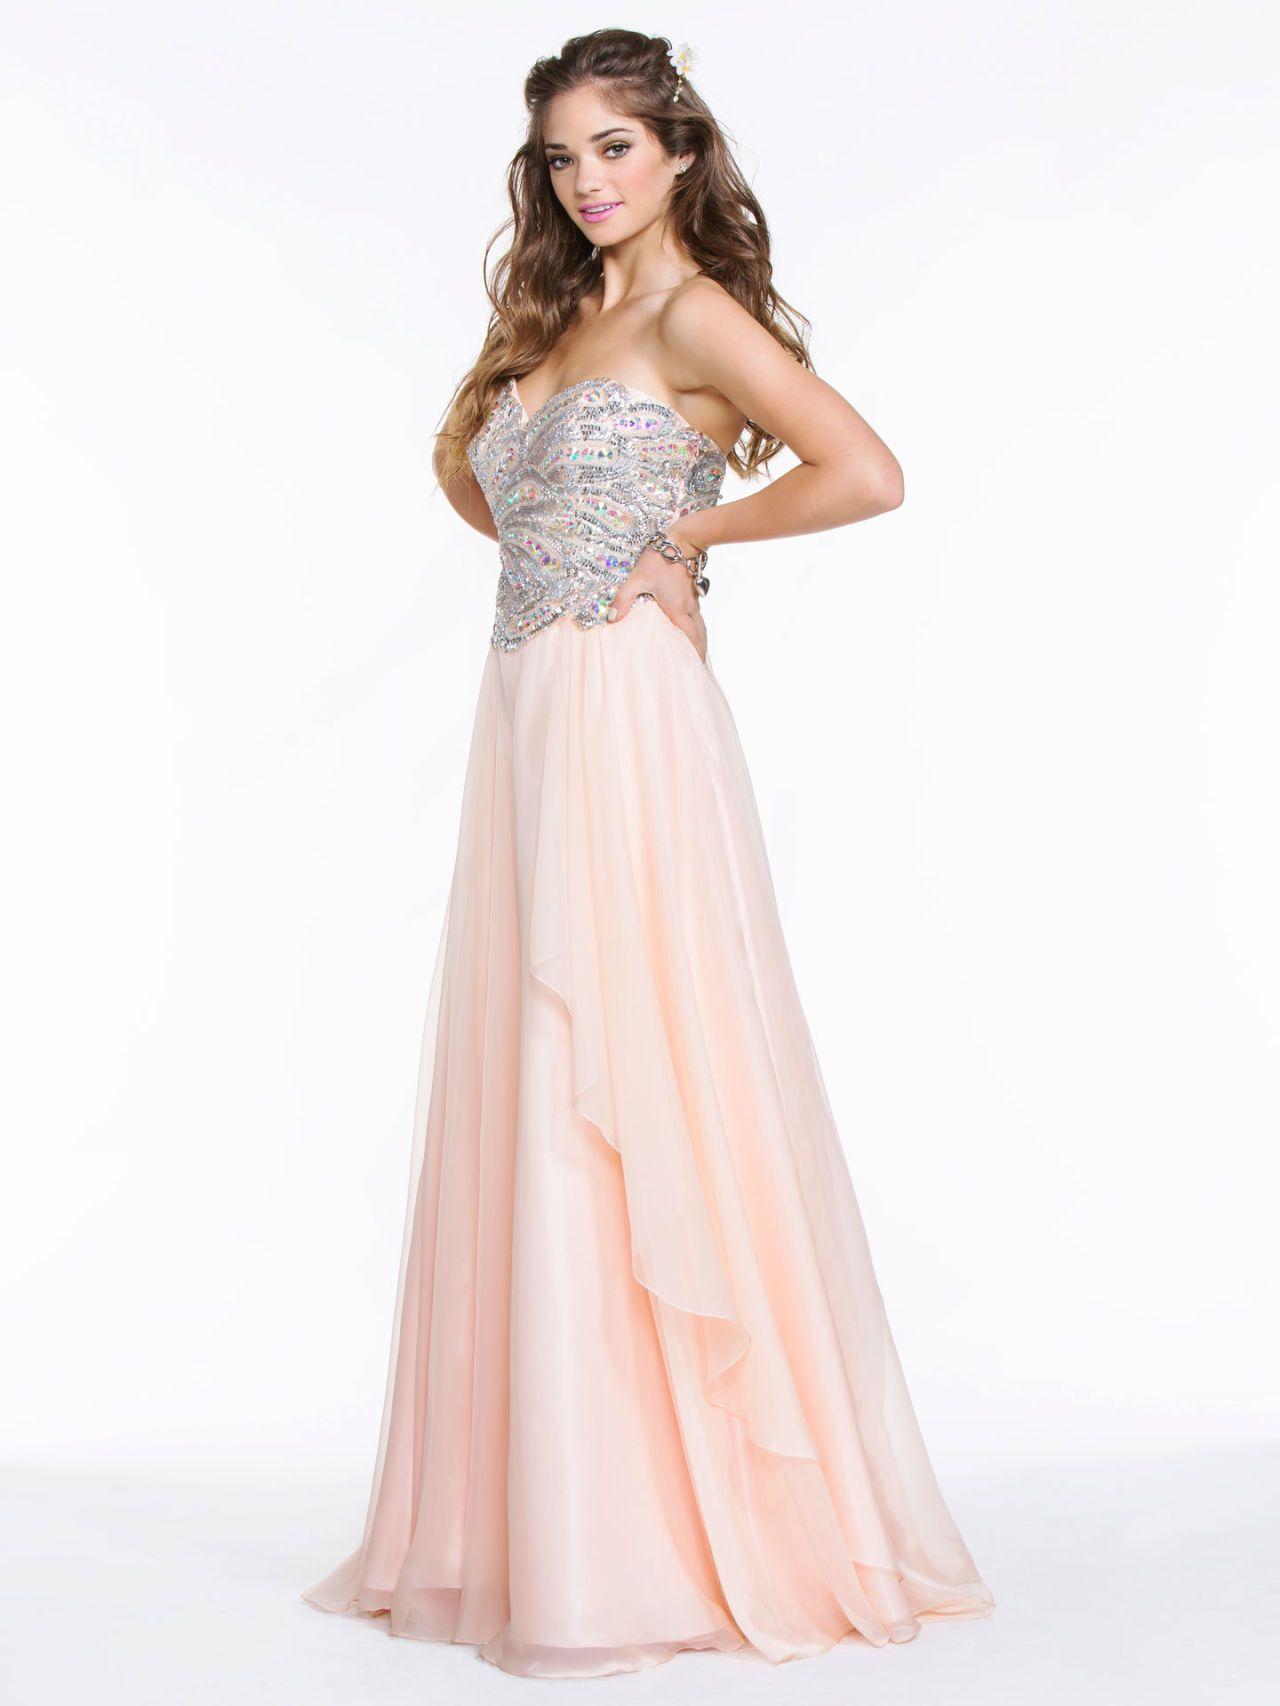 297158a4447 Prettiest Prom Dresses Tumblr